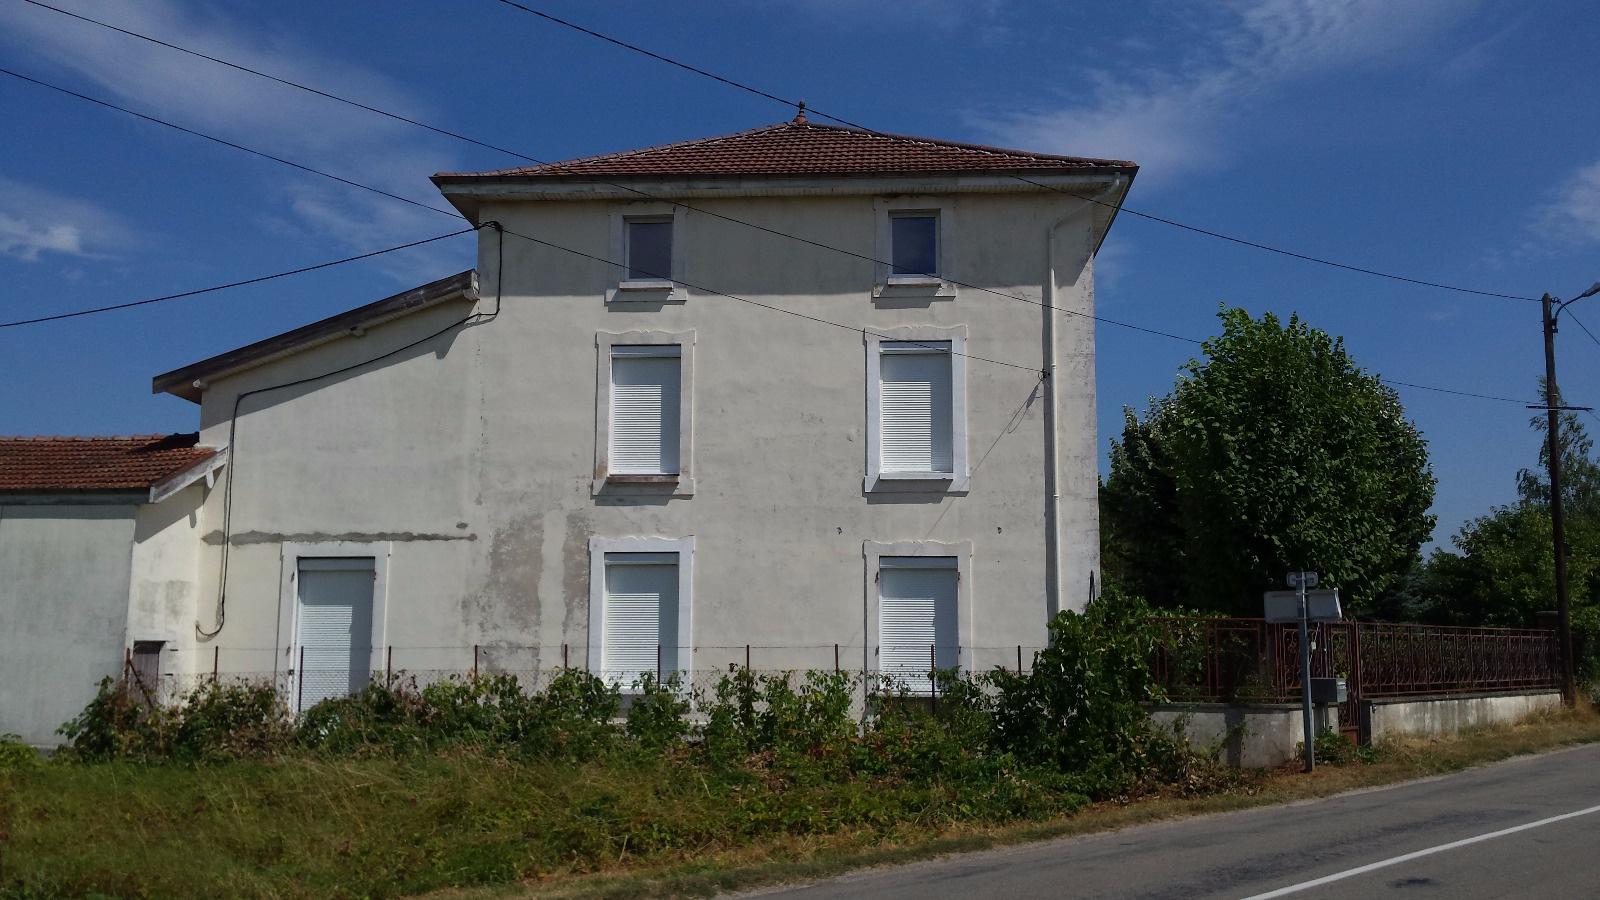 Annonce location maison saint sorlin en valloire 26210 for Annonce location maison